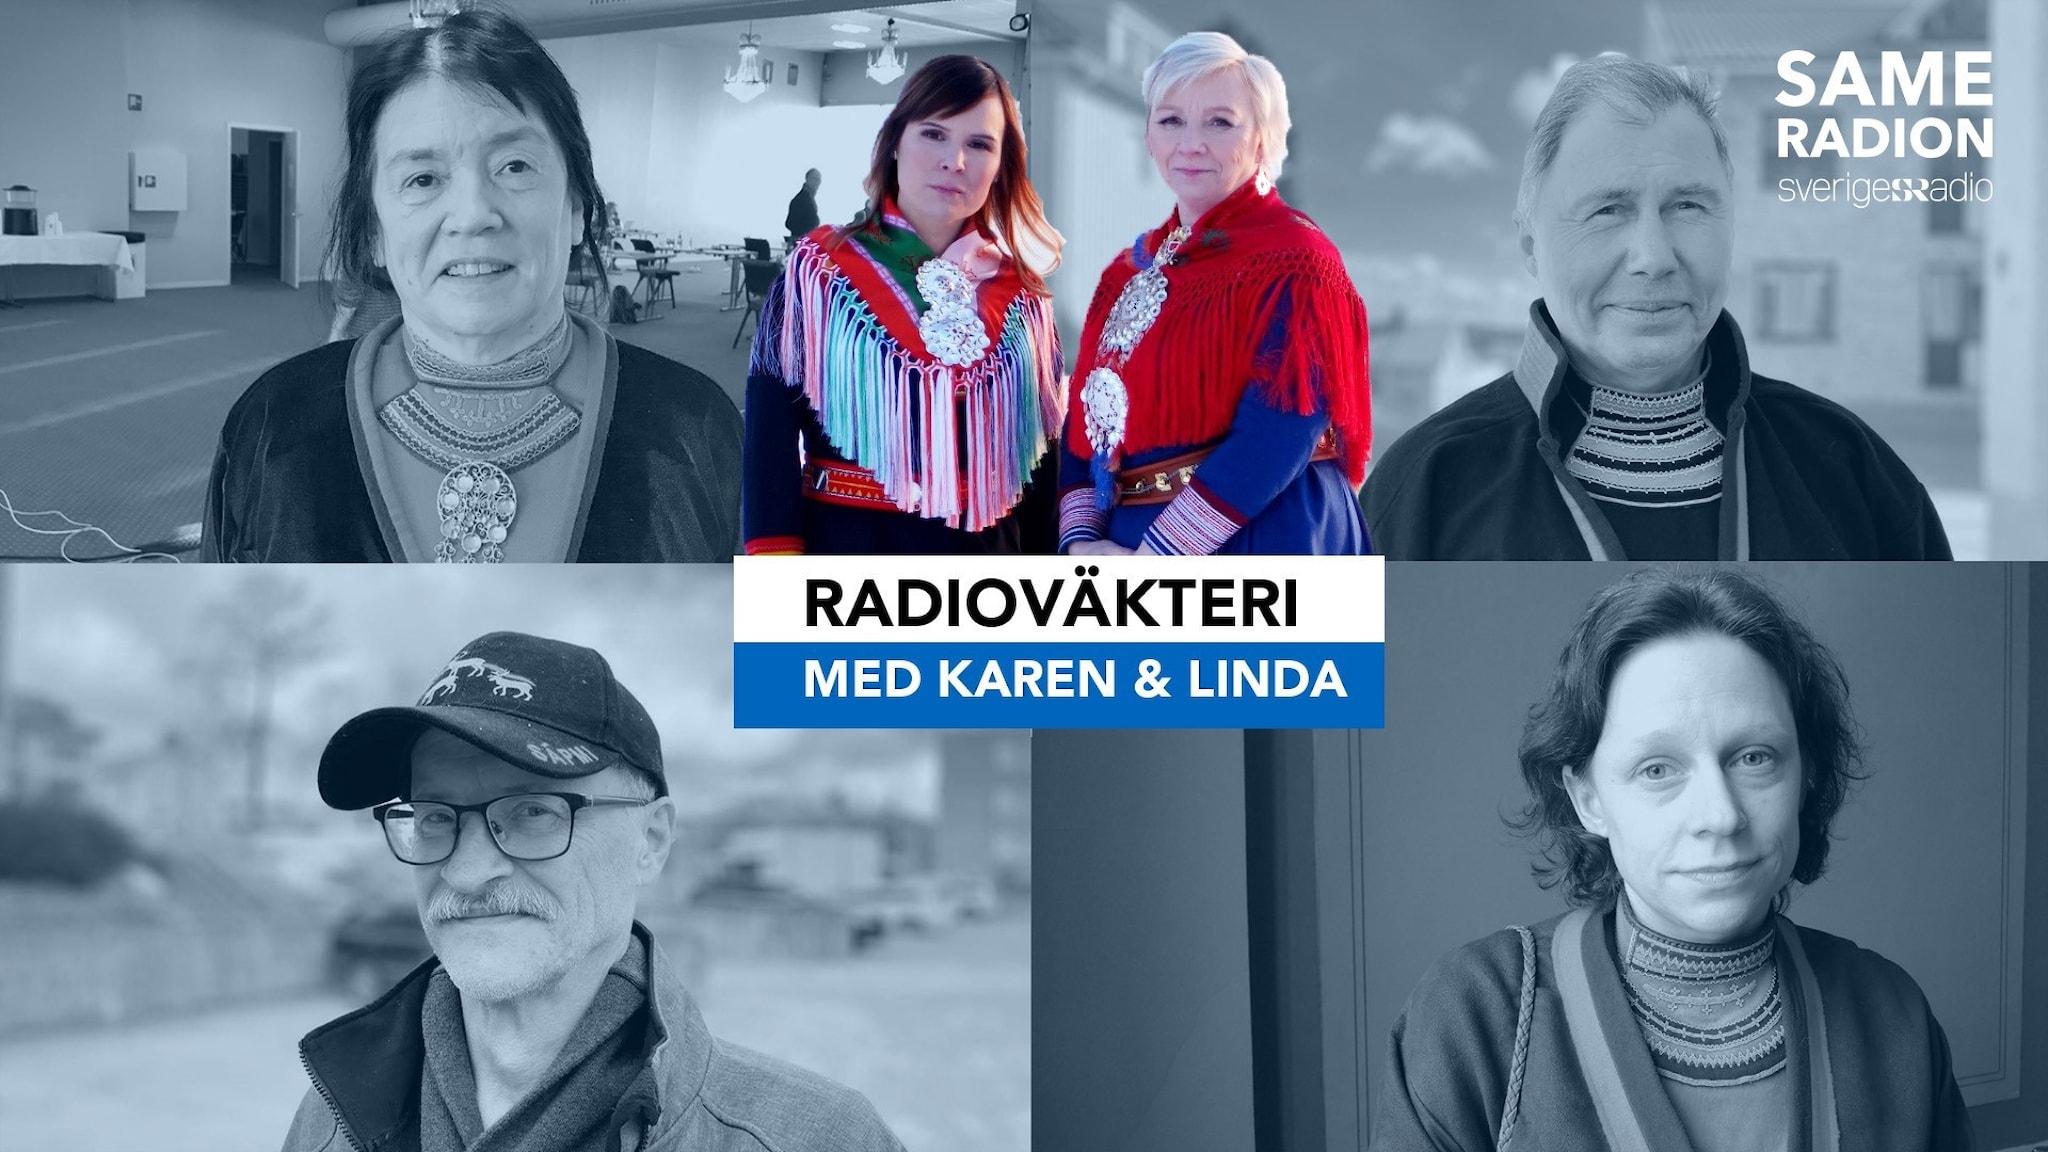 Sameradion Radioväkteri inför sametingsvalet 2021.